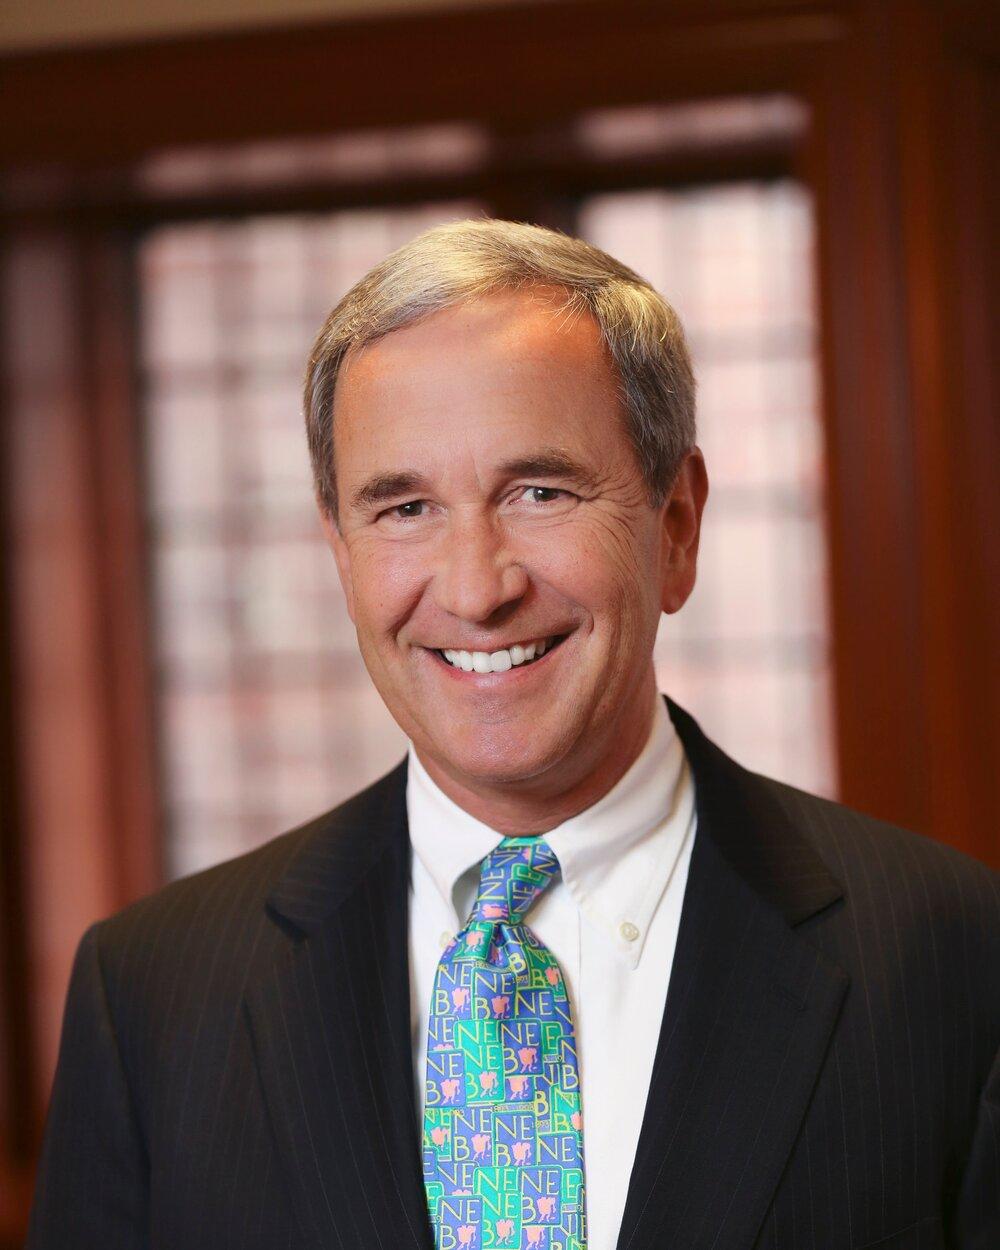 Chris Jenny, Chairman